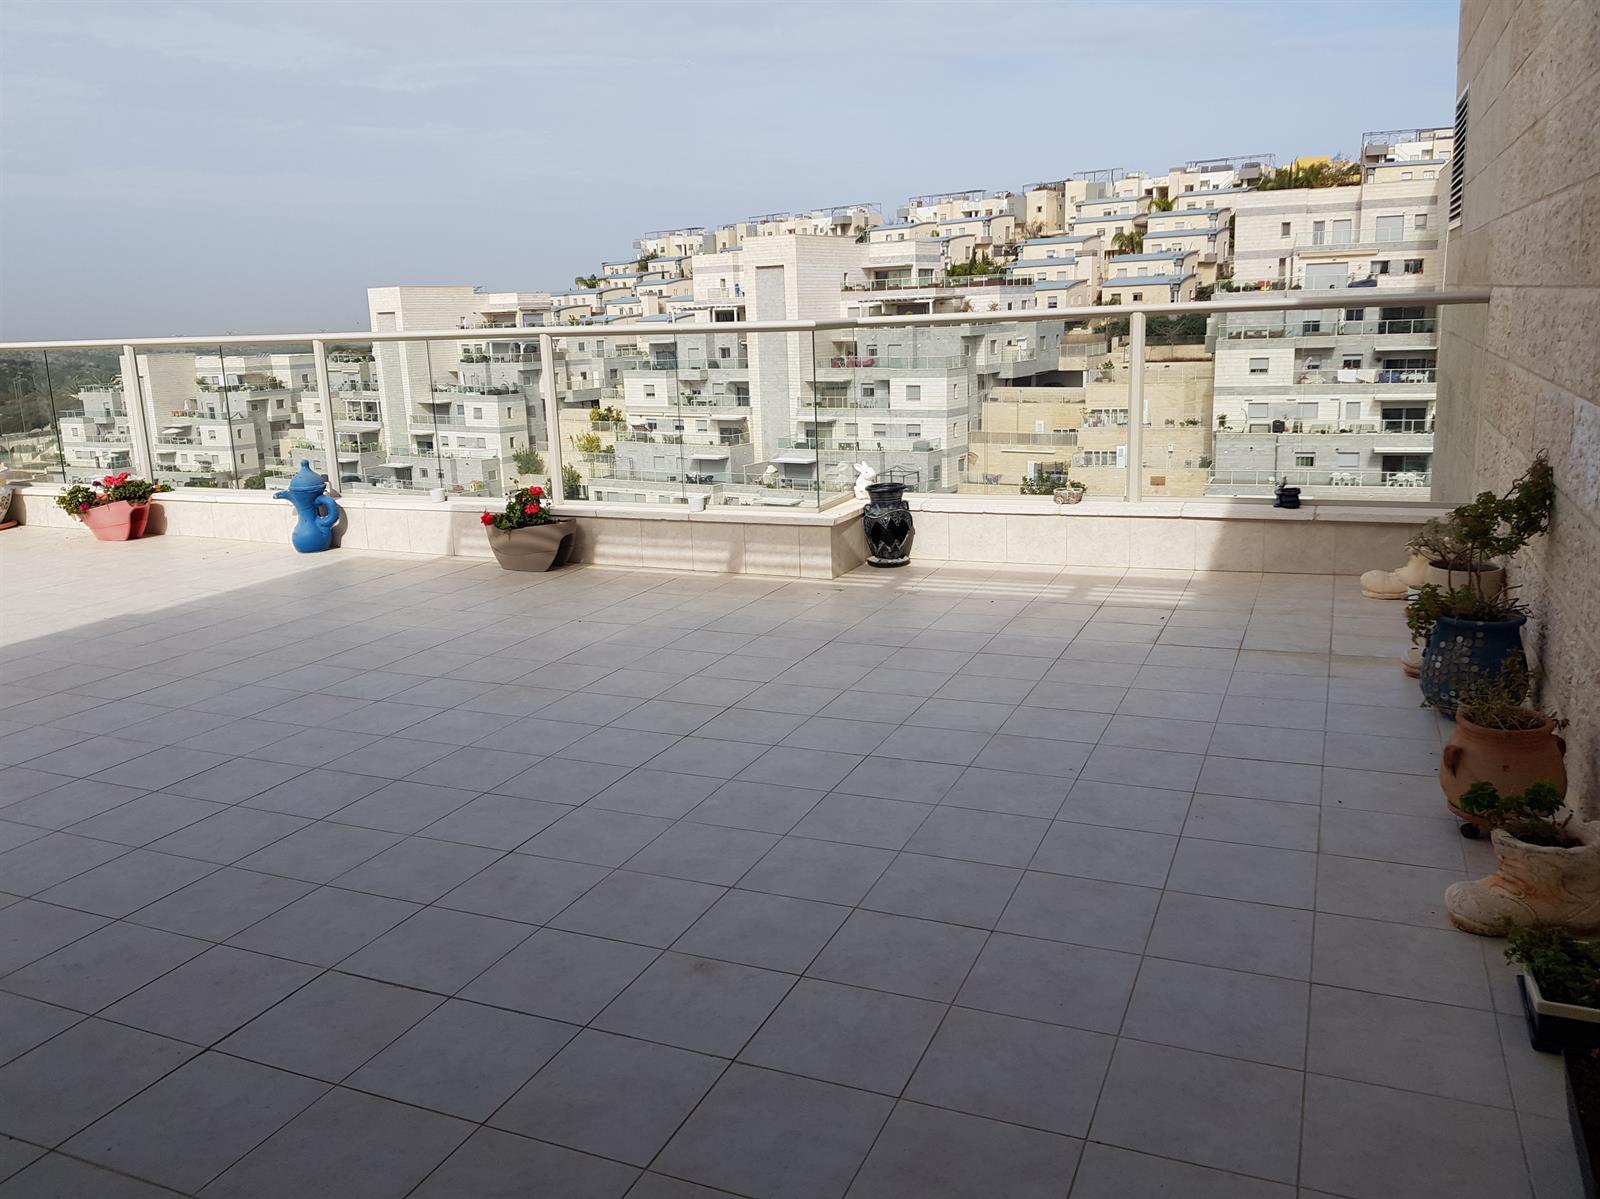 כולם חדשים דירות במודיעין | בית במודיעין | גג/פנטהאוס למכירה במודיעין והסביבה UA-06